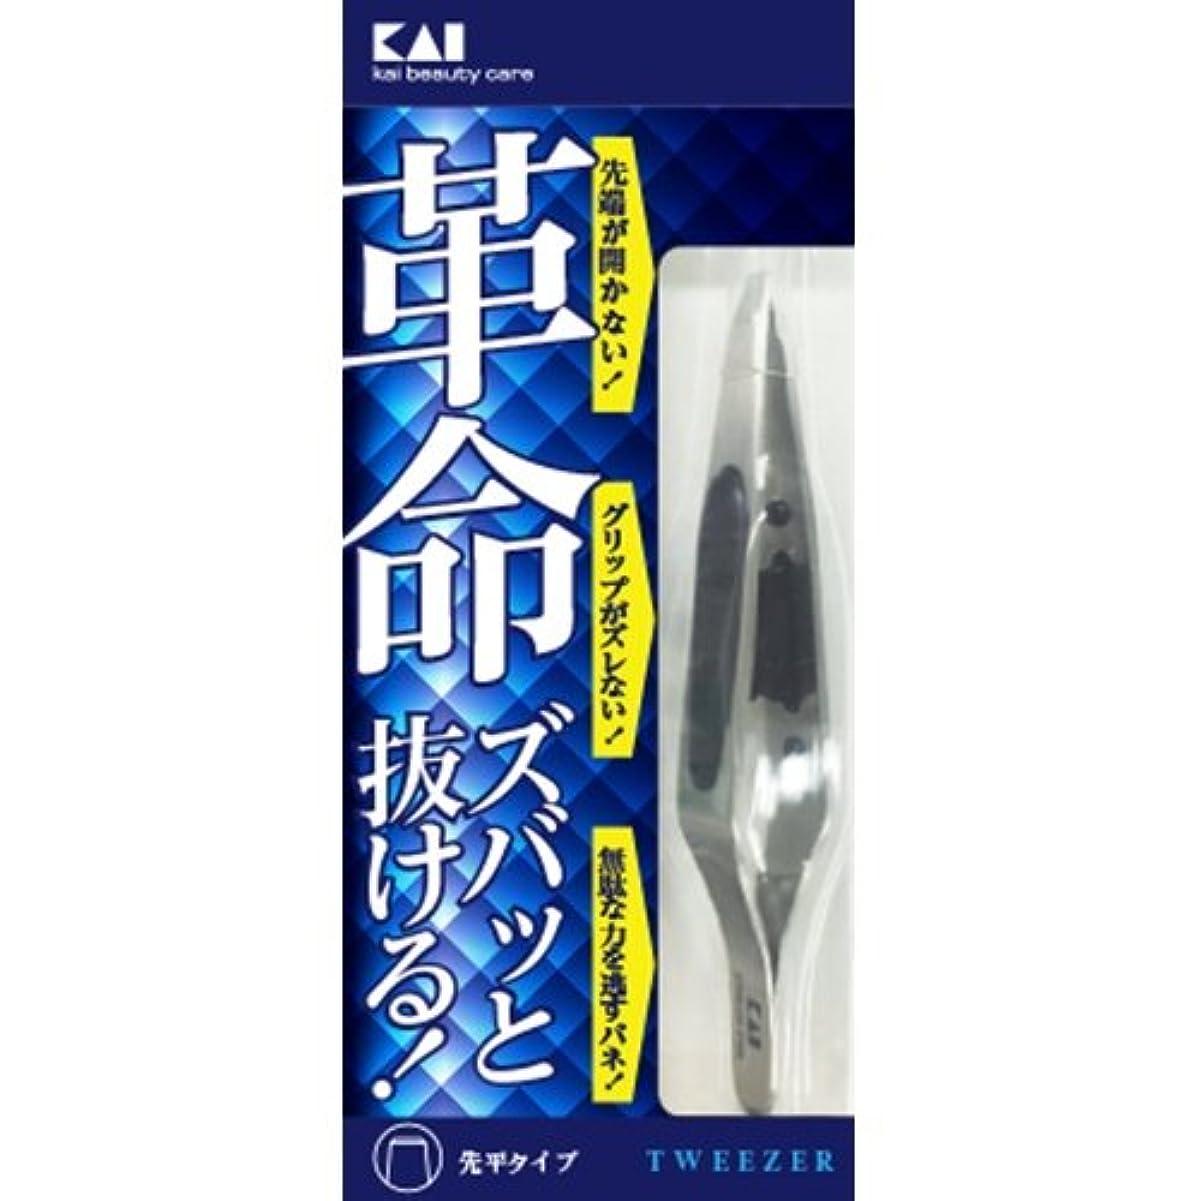 受け継ぐカカドゥ機関キャッチャー毛抜き (先平 ) KQ3095